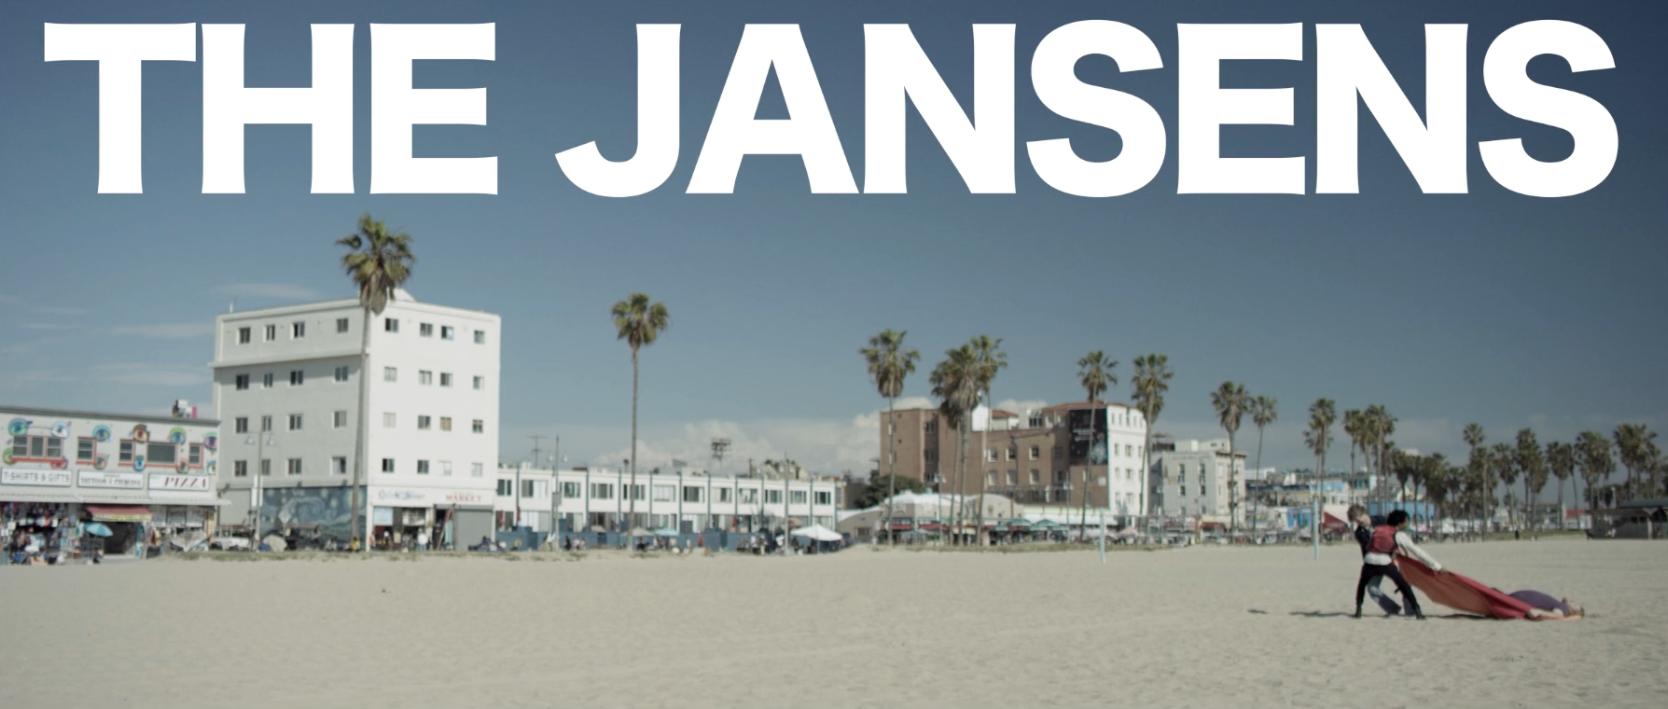 """""""The Jansens"""" - Pilot Episode - (dir.) Jordan Alberstien. (prod.) Big Smit's Ent. Location sound, sound design, & audio post-production by Jack Goodman"""